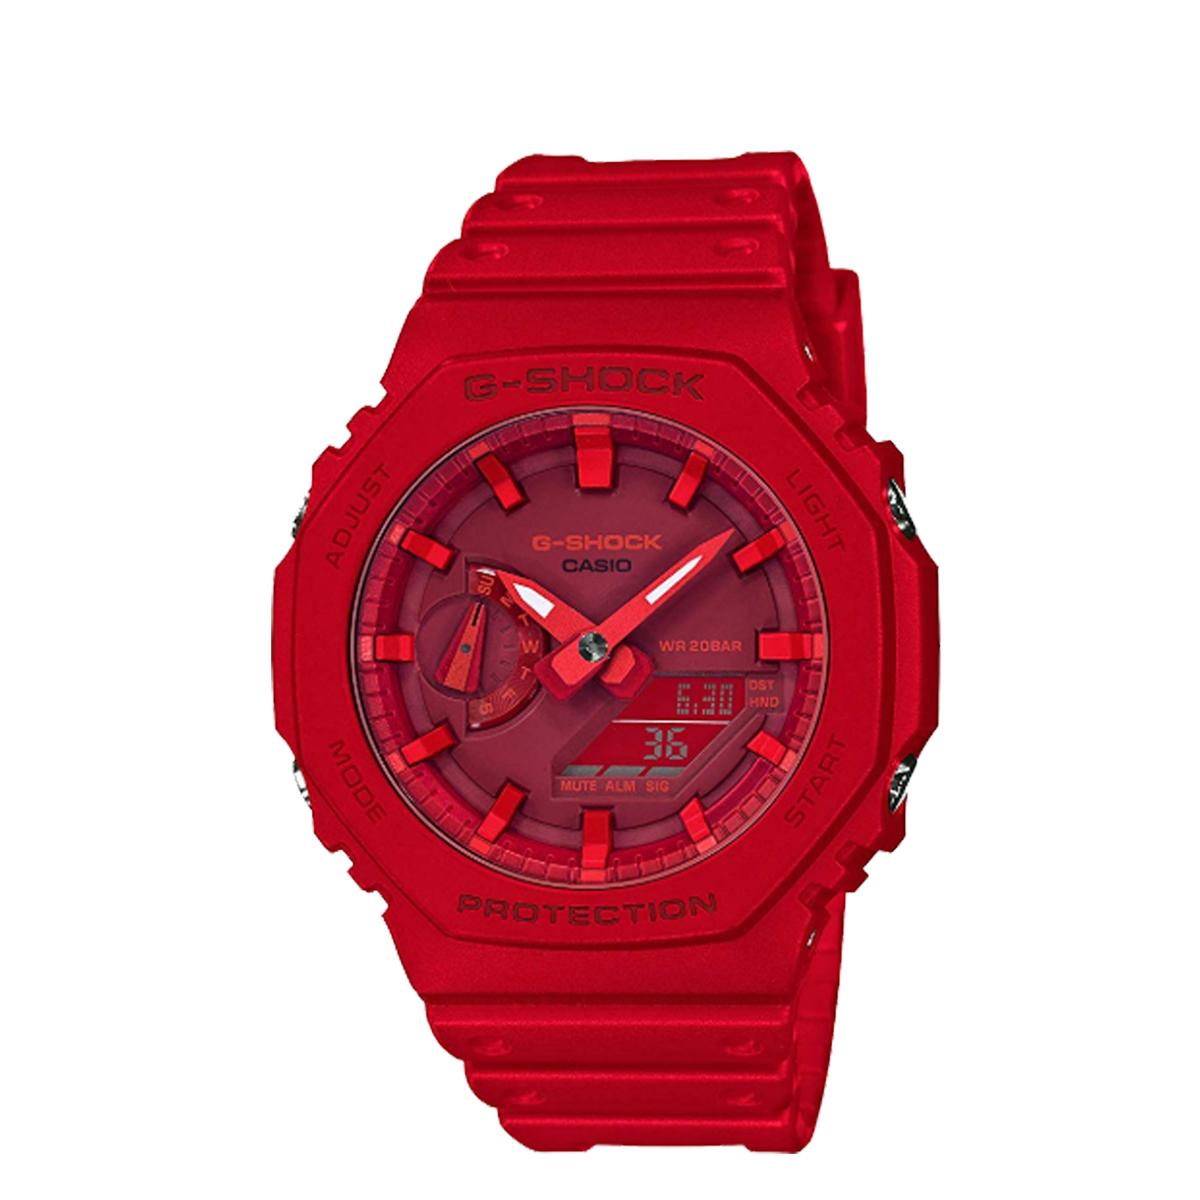 CASIO G-SHOCK カシオ 腕時計 GA-2100-4AJF ジーショック Gショック G-ショック メンズ レディース レッド